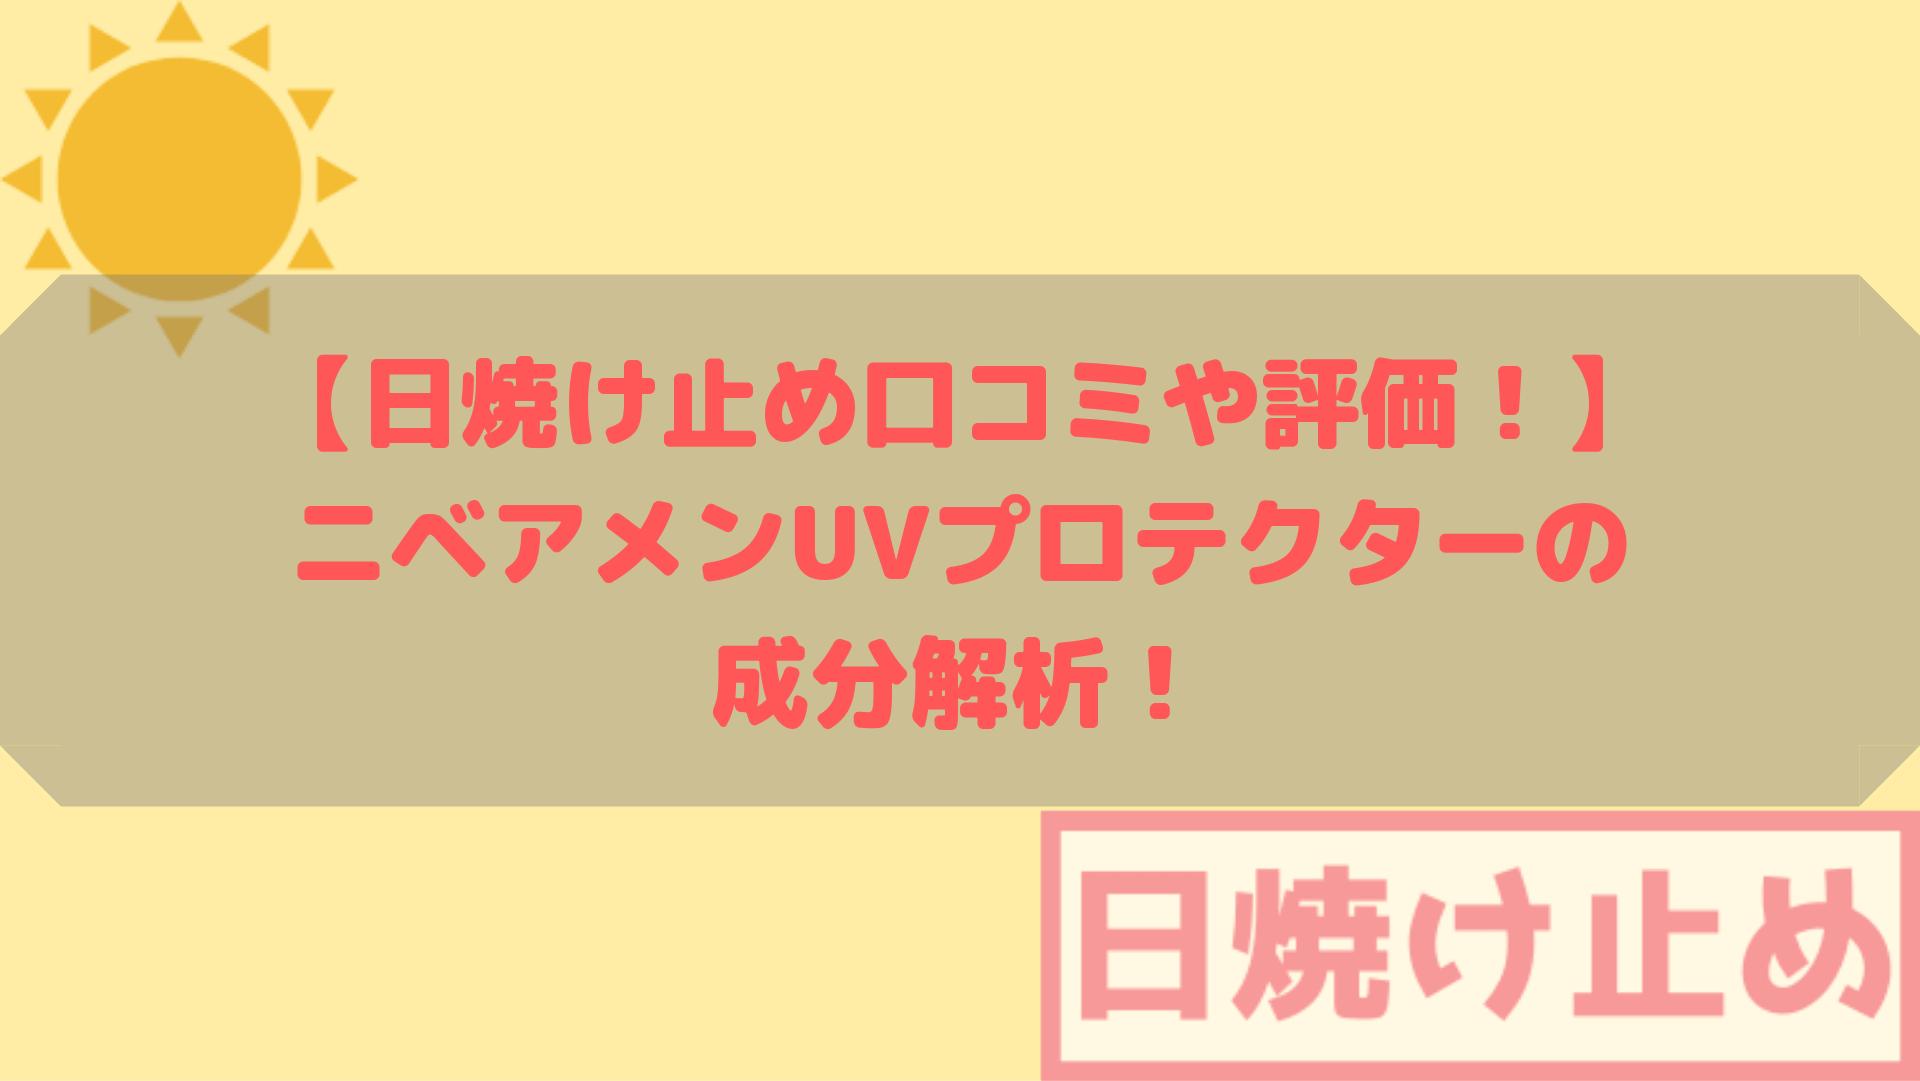 【日焼け止め口コミや評価!】ニベアメンUVプロテクターの成分解析!